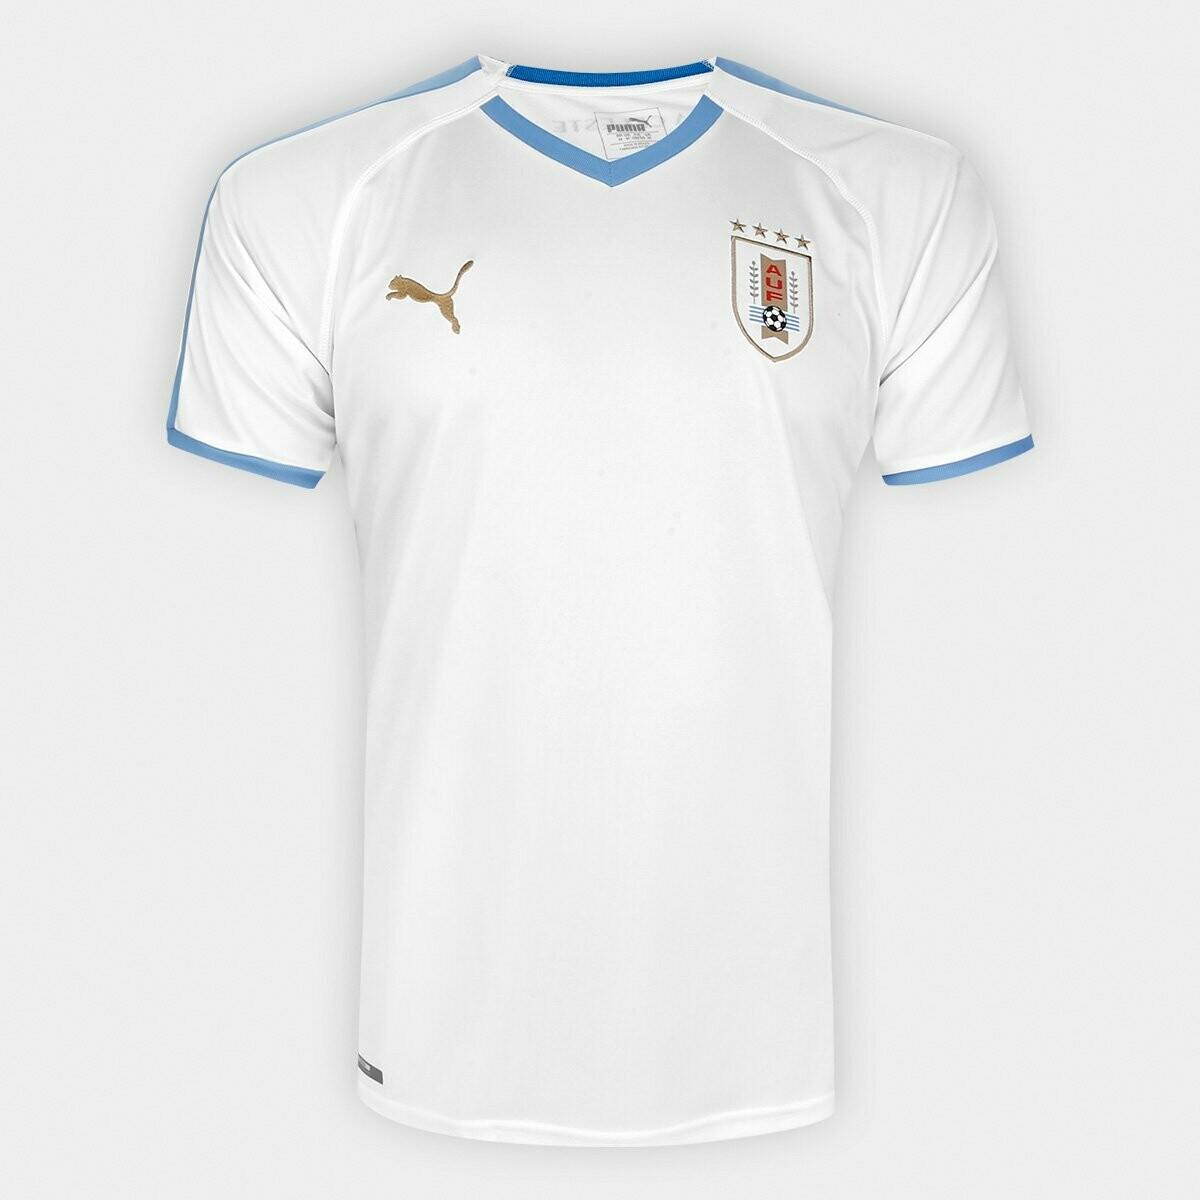 Camisa Seleção Uruguai Away 2019 Torcedor Puma Masculina - Branco